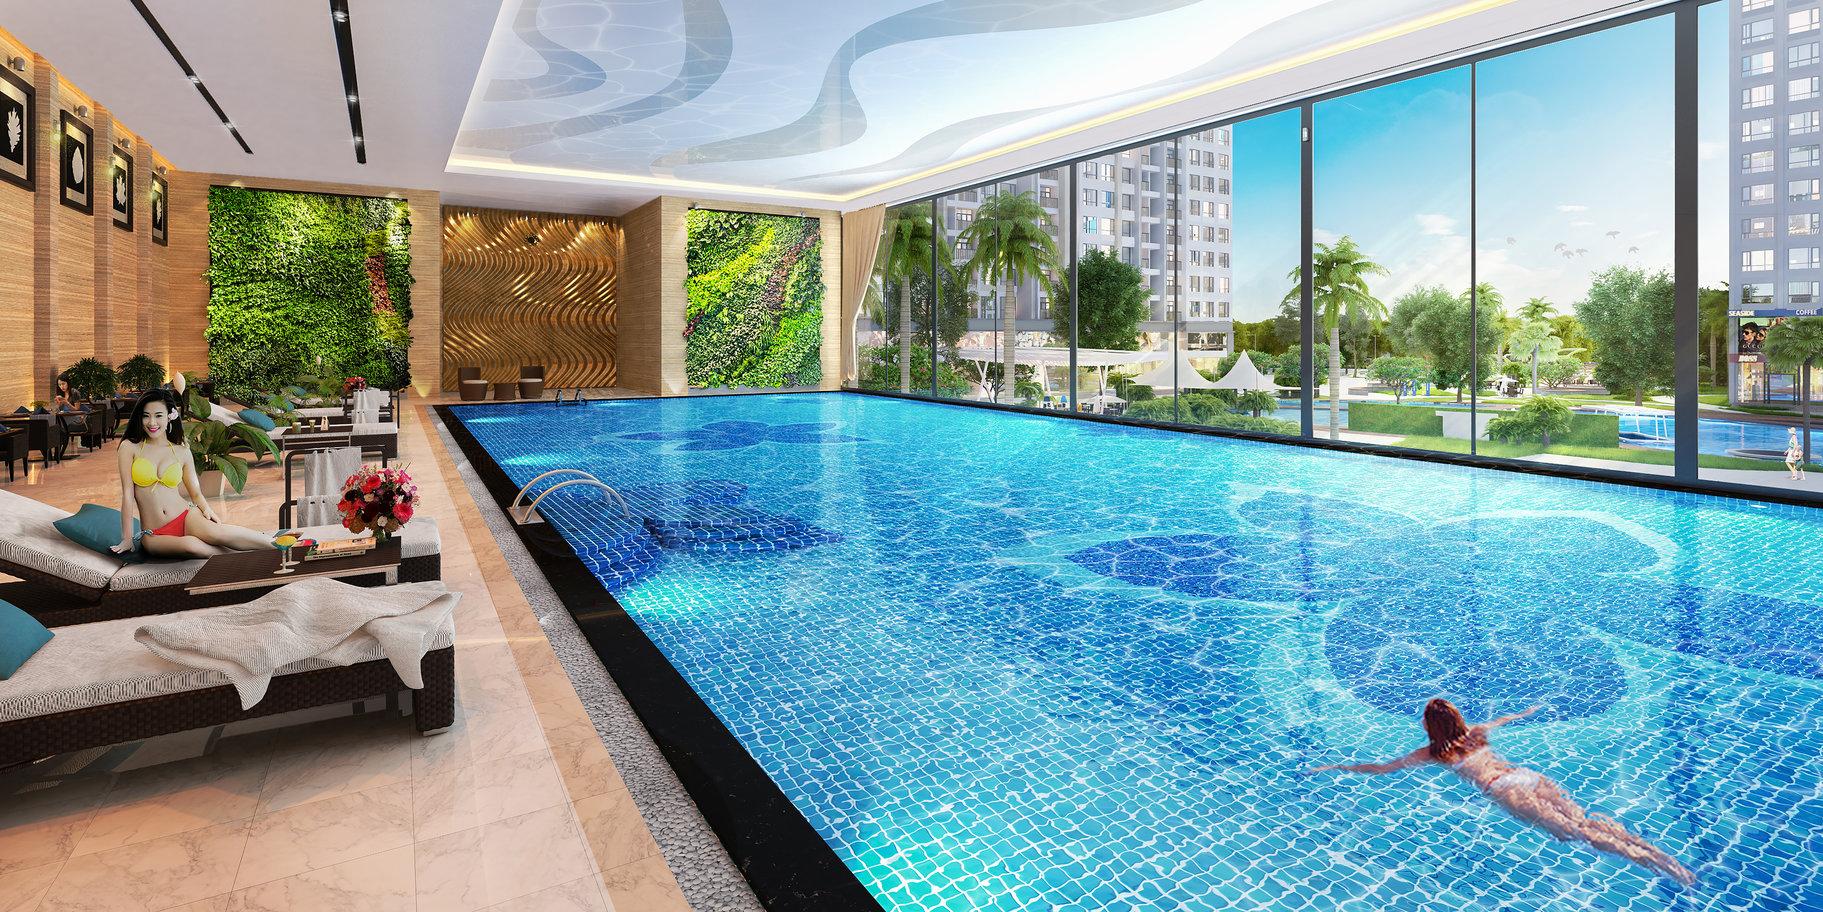 Chung cư Vinhomes Gardenia - Bể bơi trong nhà